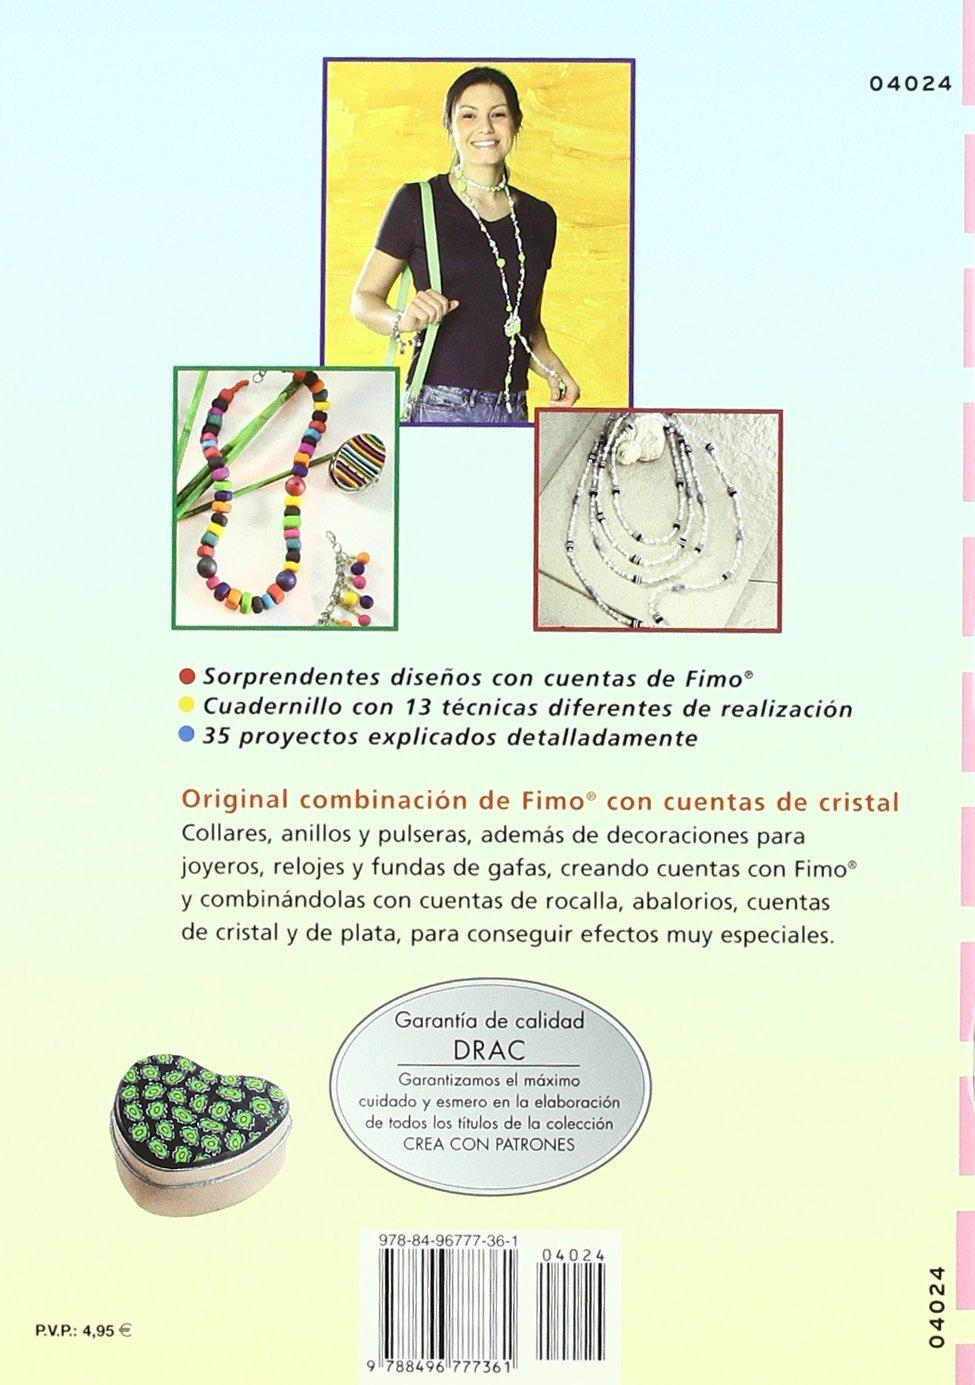 BISUTERIA Y ACCESORIOS CON FIMO Y ABALORIOS: SILVIA HINTERMANN: 9788496777361: Amazon.com: Books